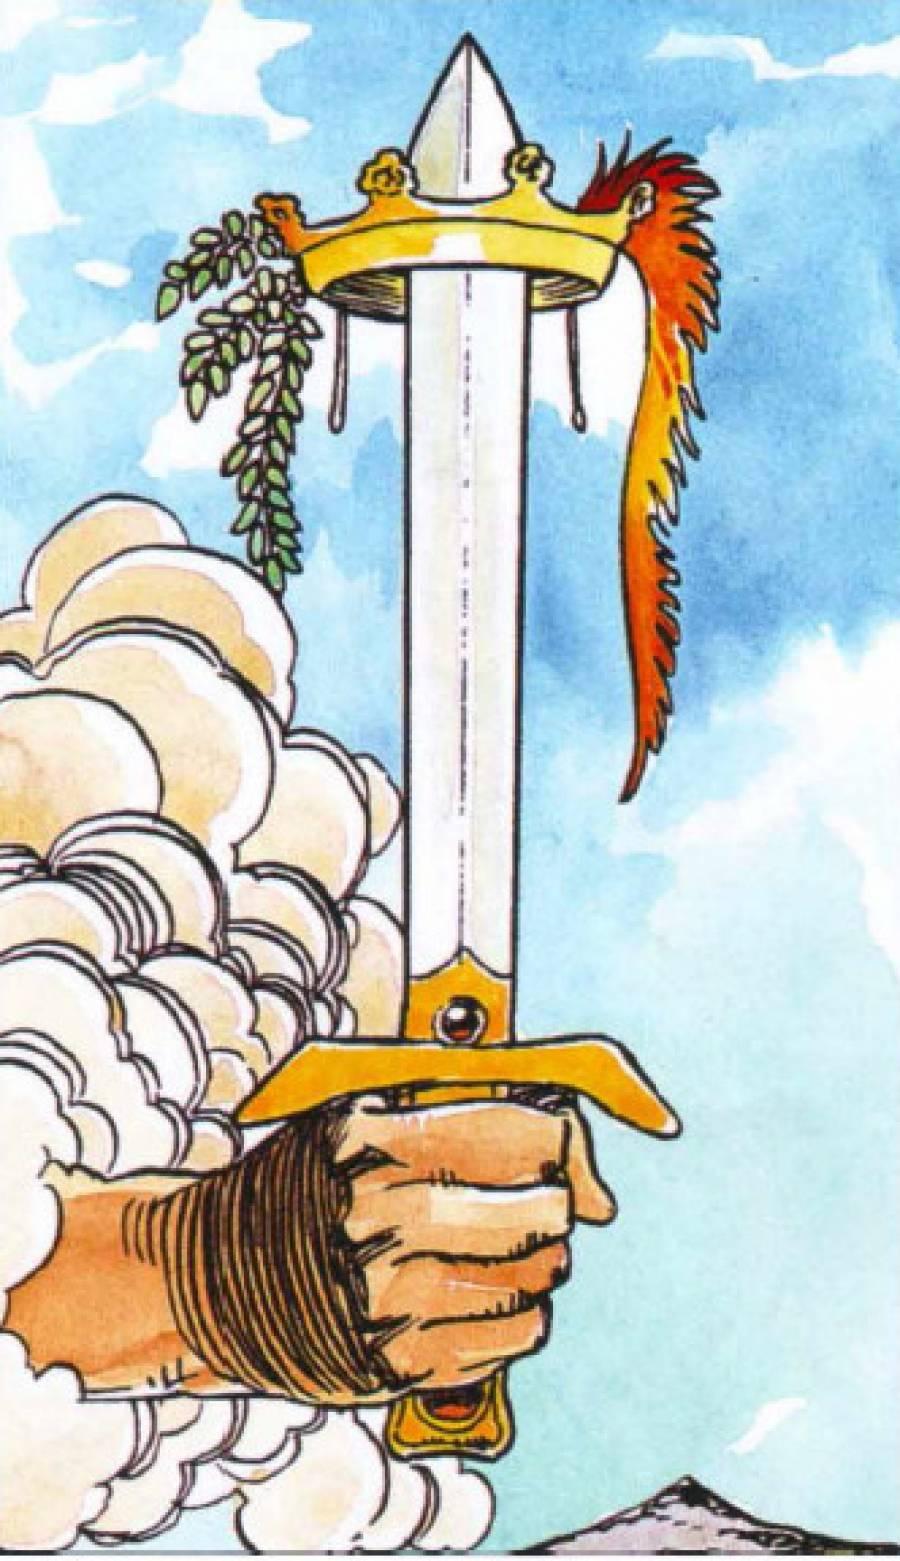 Карта таро туз мечей - значение, толкование и расклады в гадании